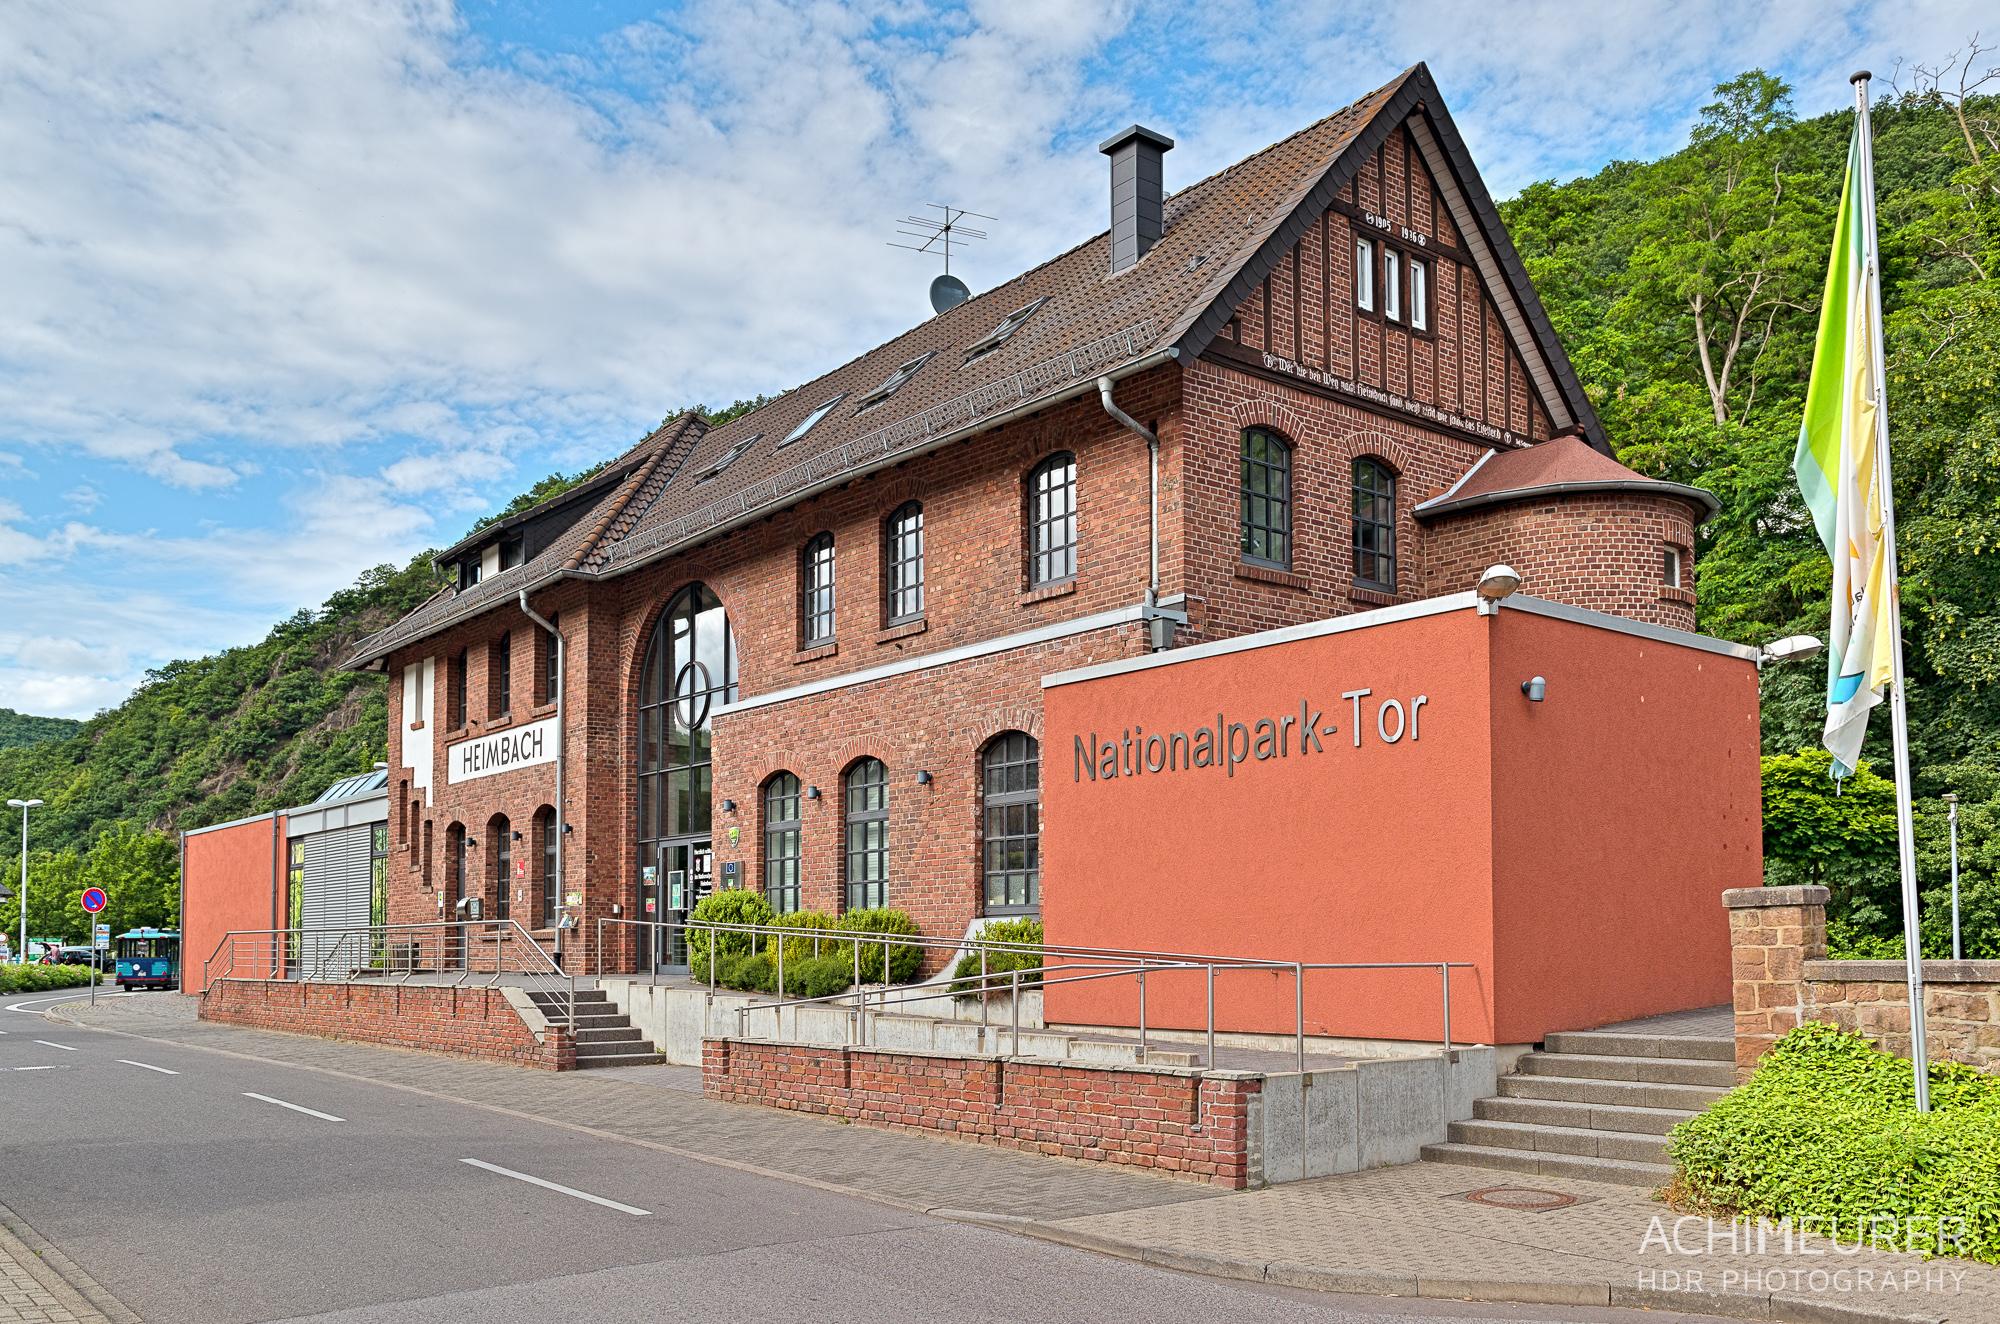 Eifel-Rheinland-Pfalz-Rureifel_5455_4_3_HDR